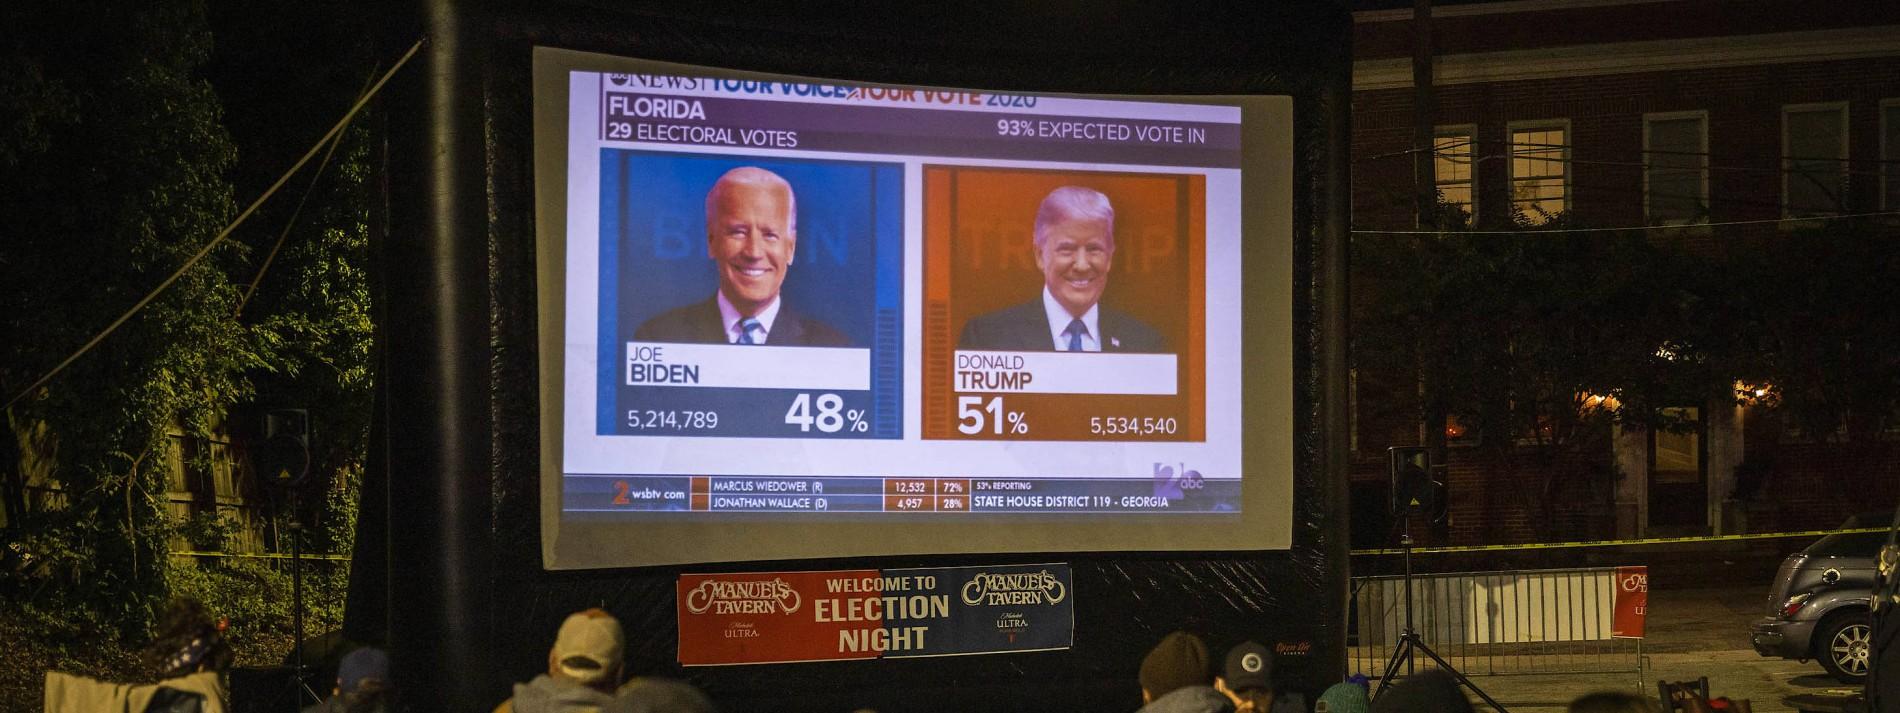 Schon seltsam, diese Wähler